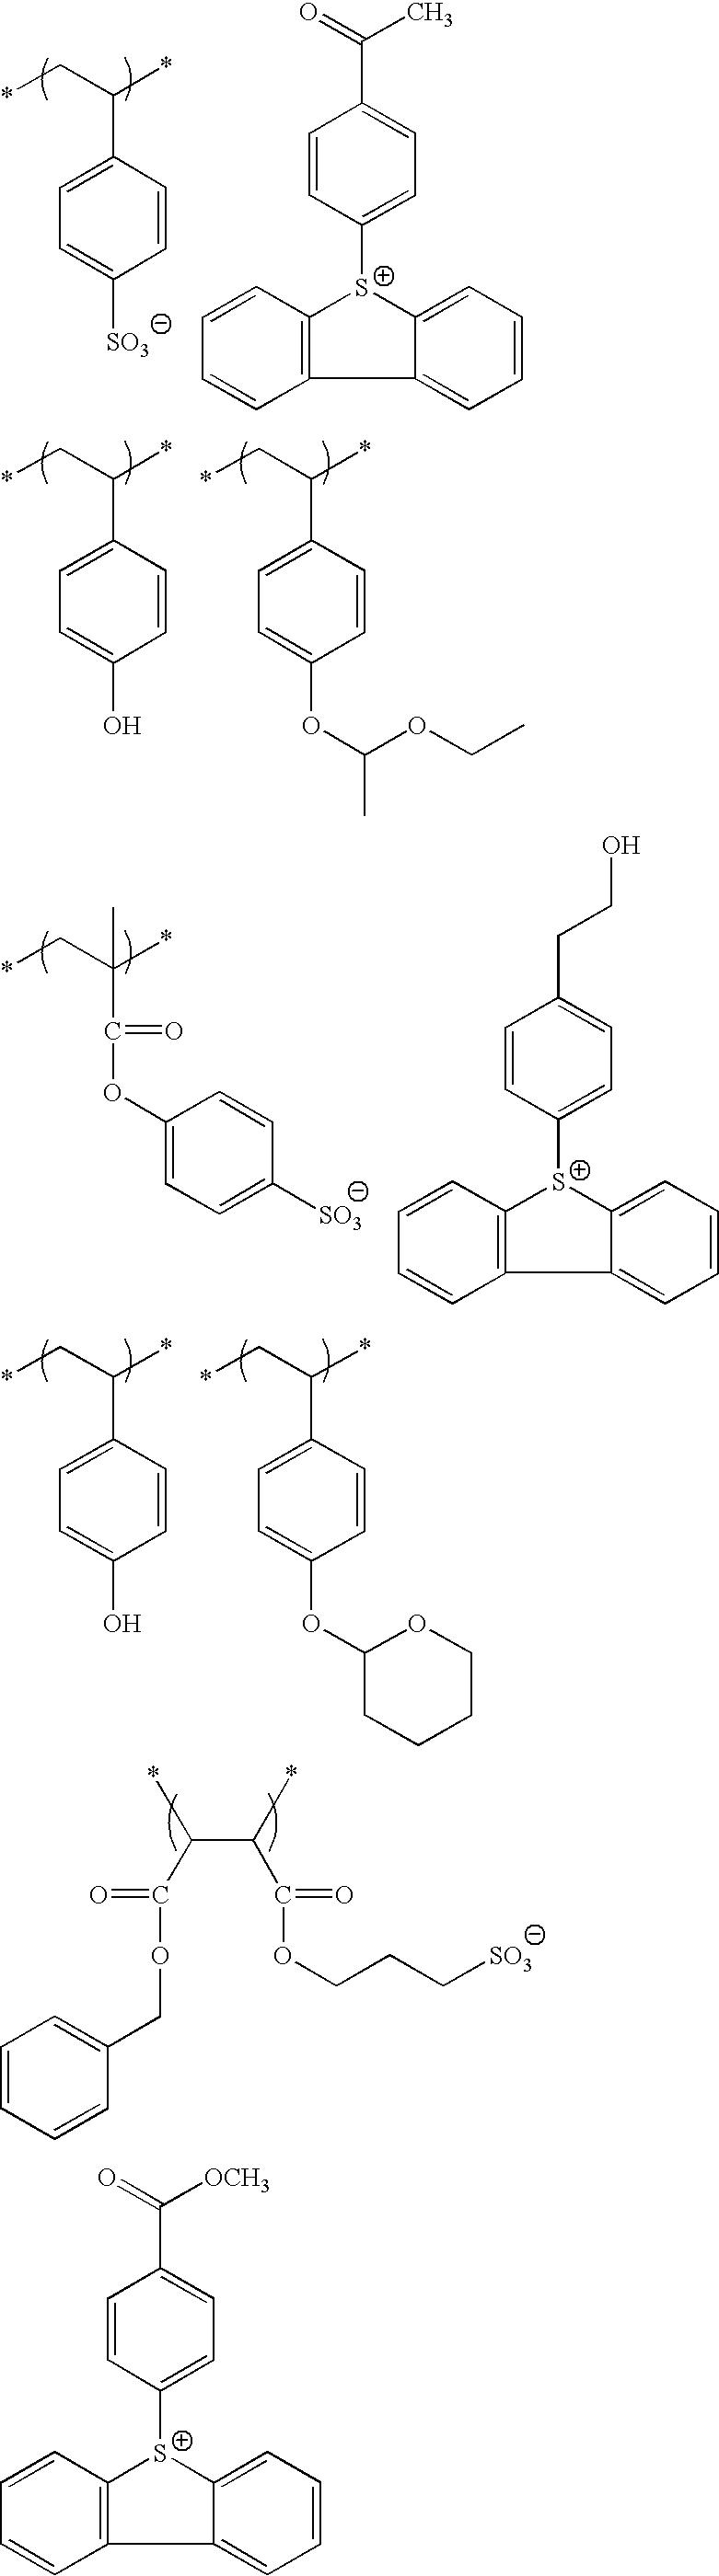 Figure US20100183975A1-20100722-C00149